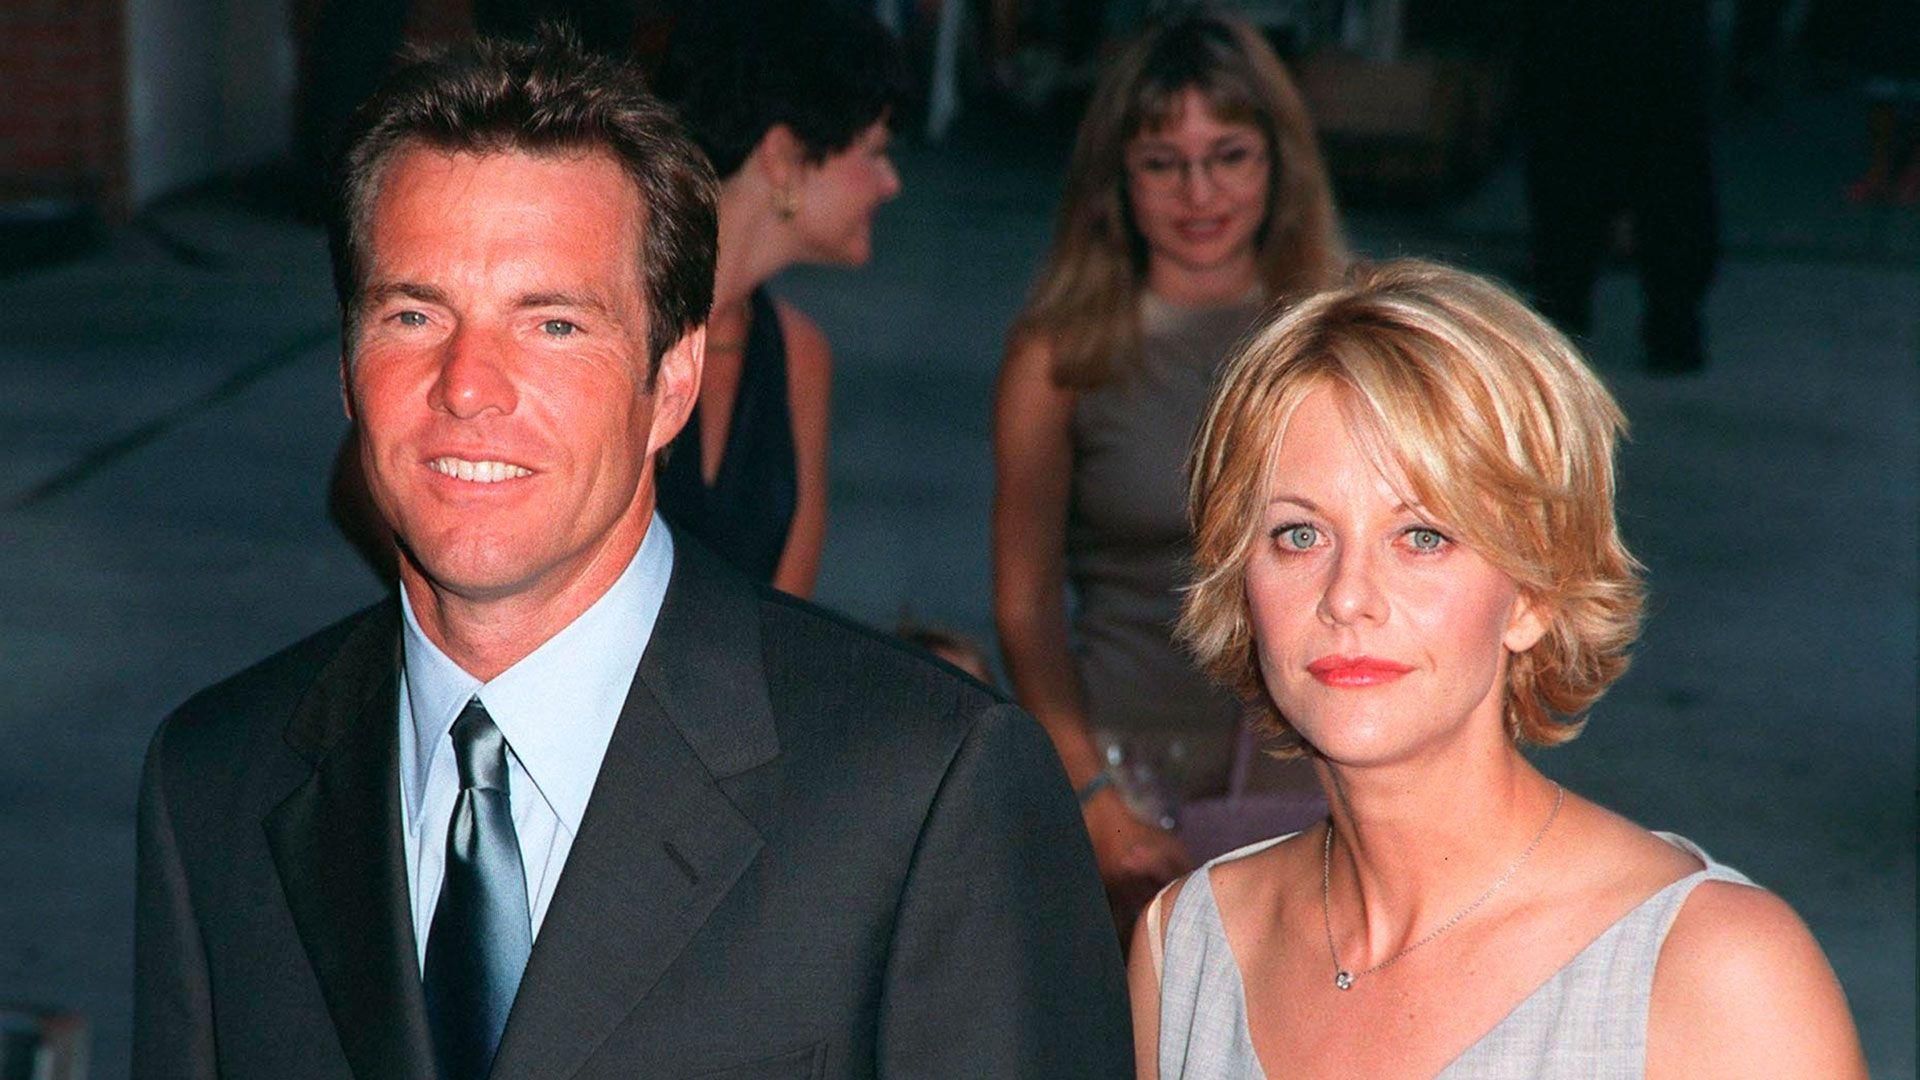 """Durante la filmación de """"Prueba de vida"""" (2002), la actriz se enamoró de Russell Crowe. Quaid y Ryan se divorciaron y el dedo acusador señaló a la actriz como la causante. Ella cayó sobre las infidelidades de su pareja y los problemas de convivencia (Shutterstock)"""